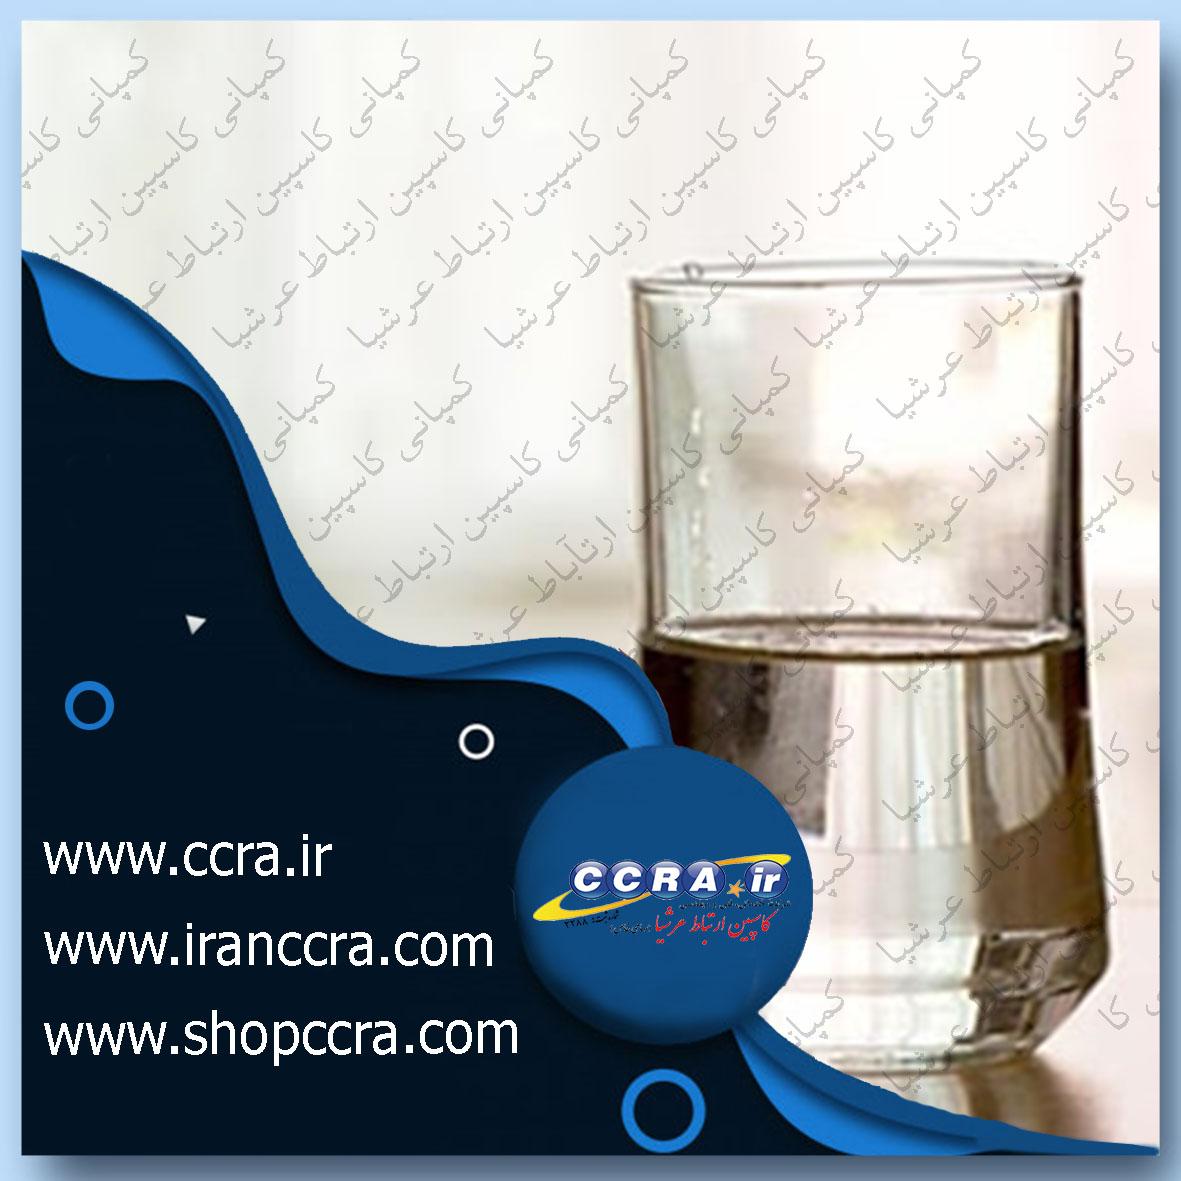 حذف انواع آلاینده های موجود در آب توسط فیلترهای دستگاه تصفیه آب خانگی آکوا لایف